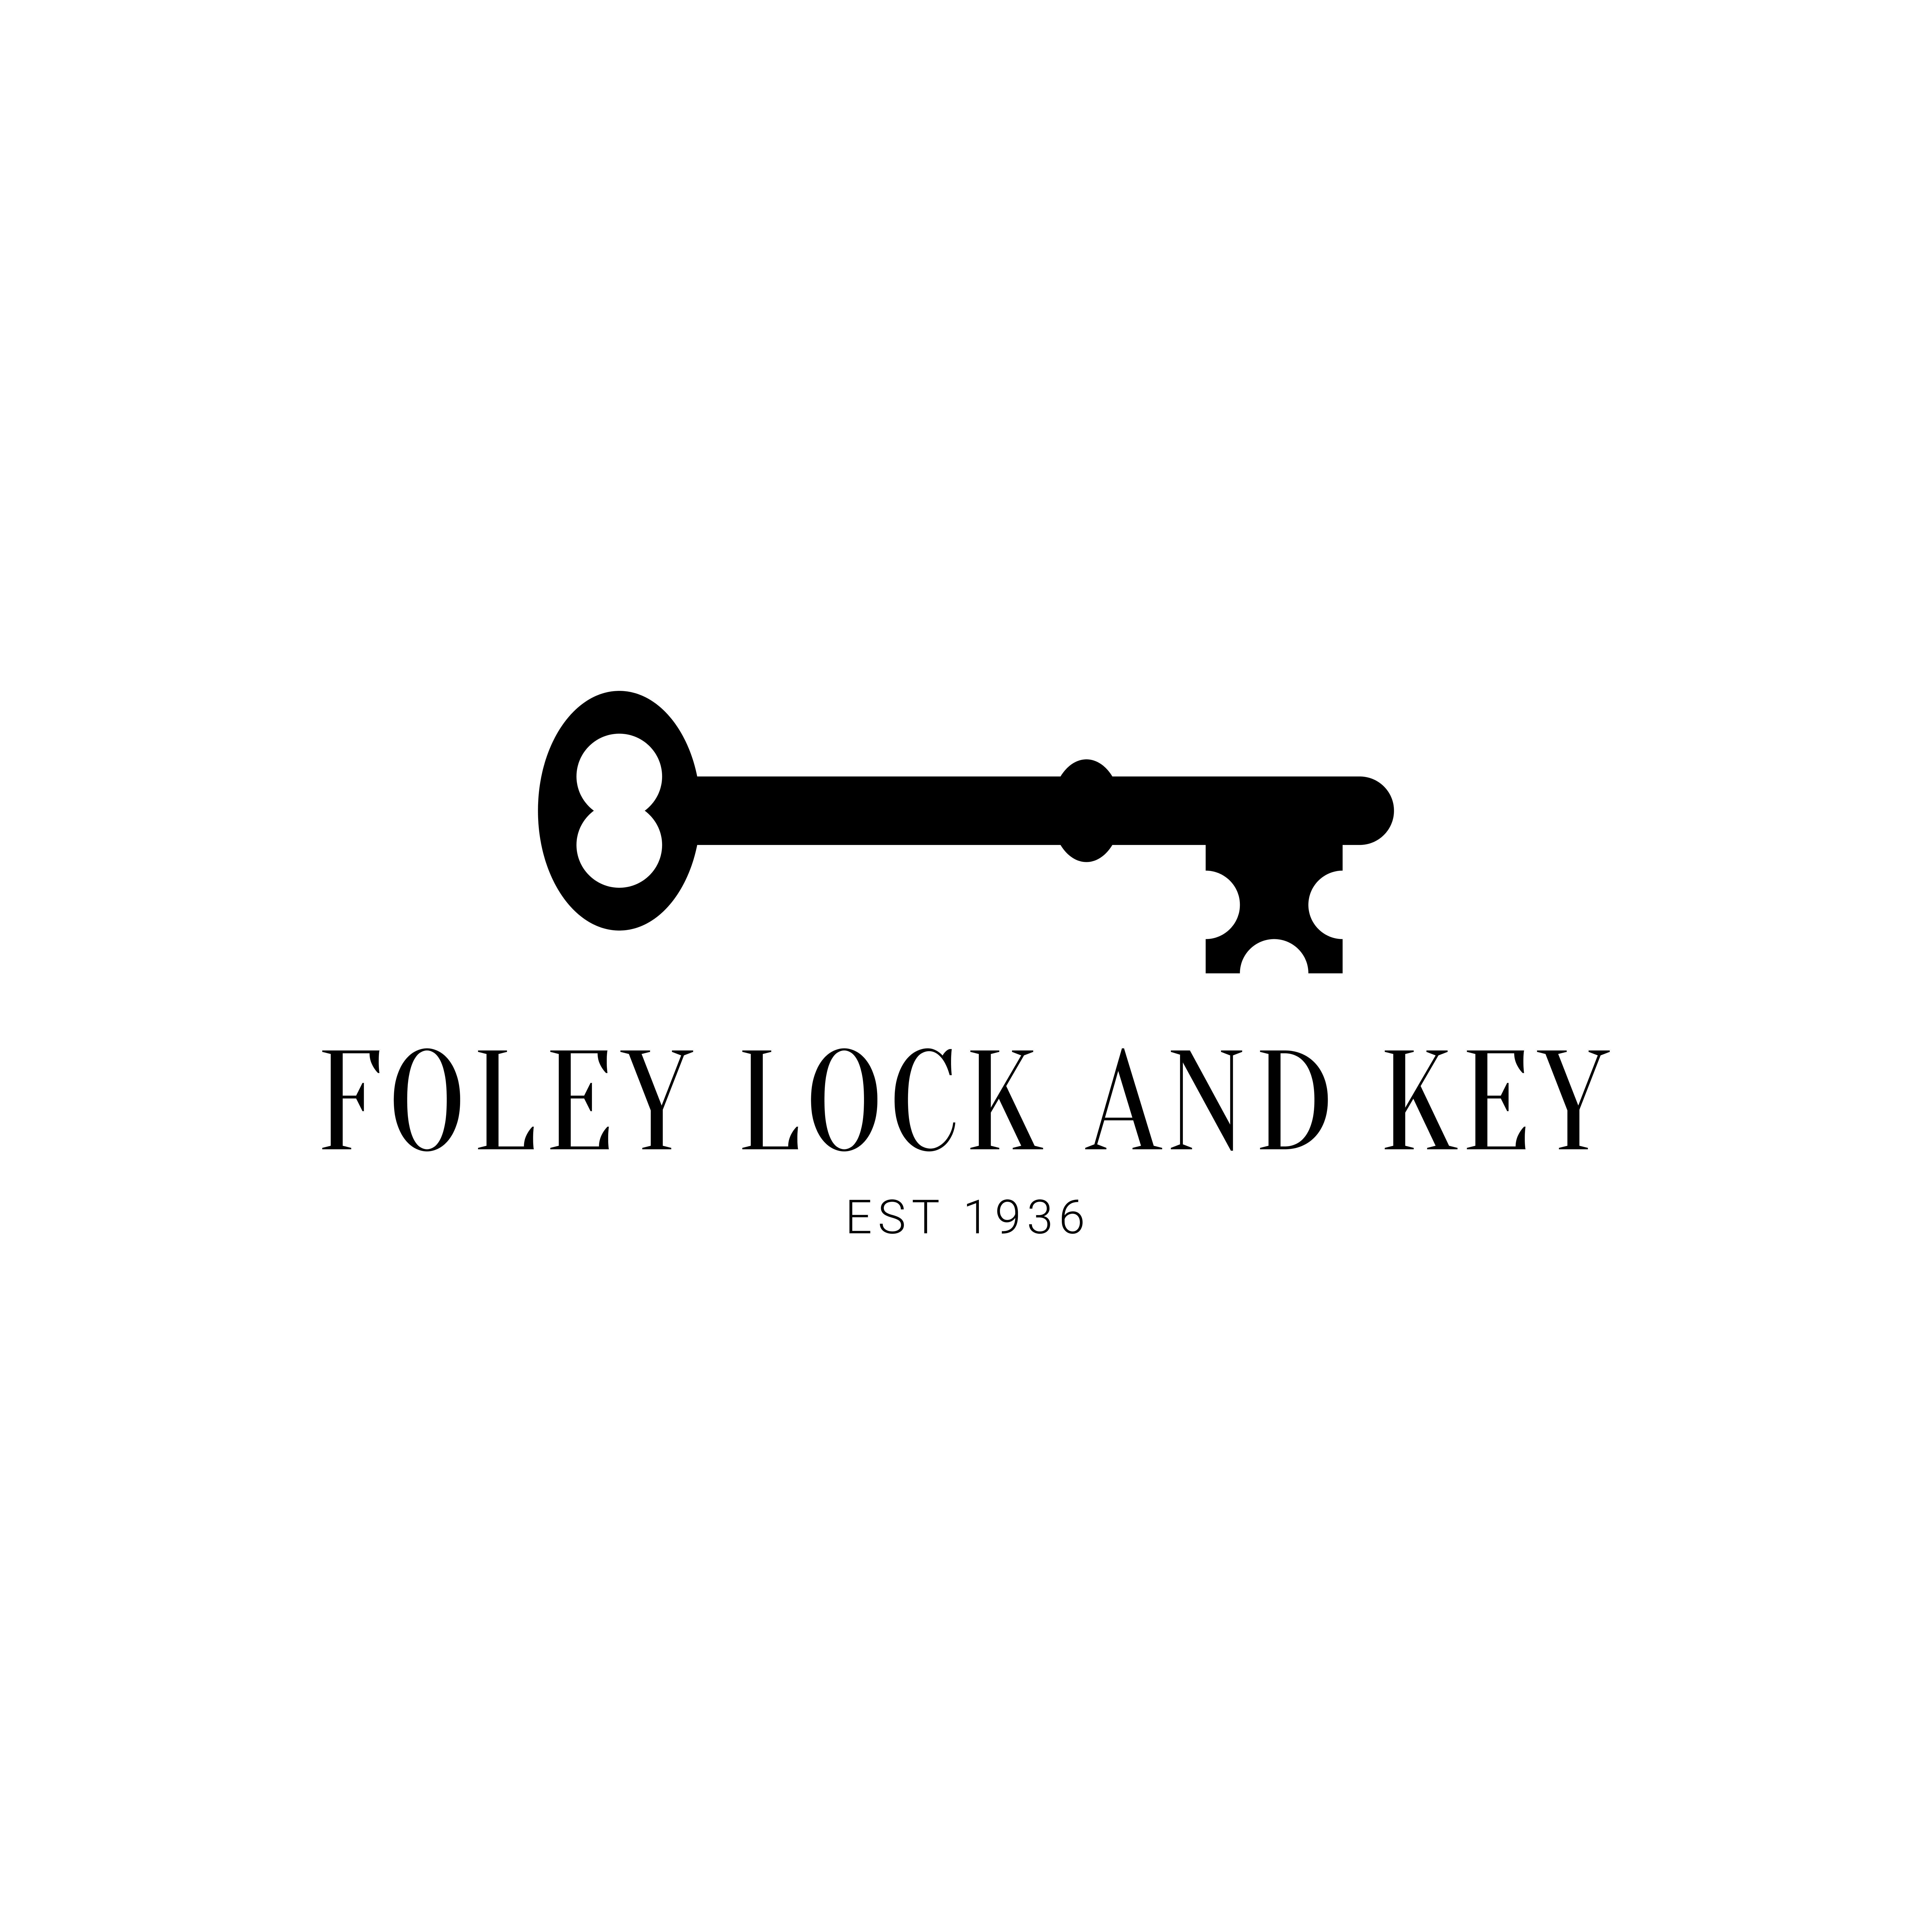 Foley Lock and KEY